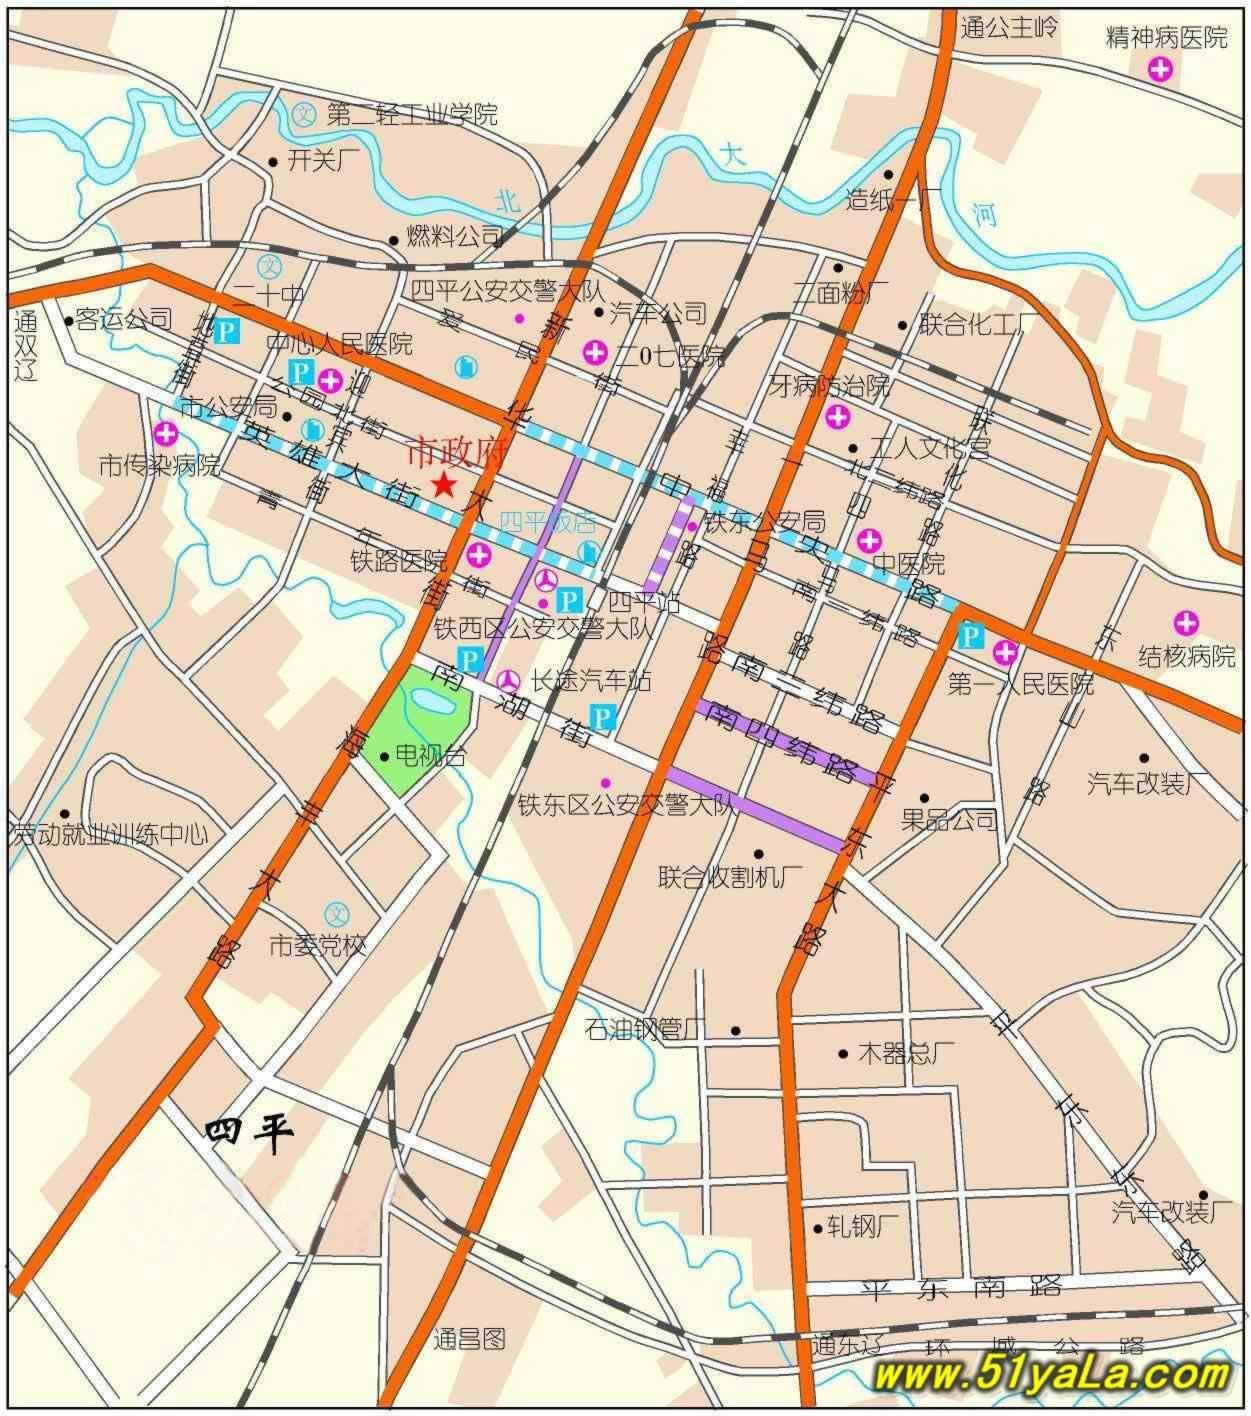 吉林市市区地图